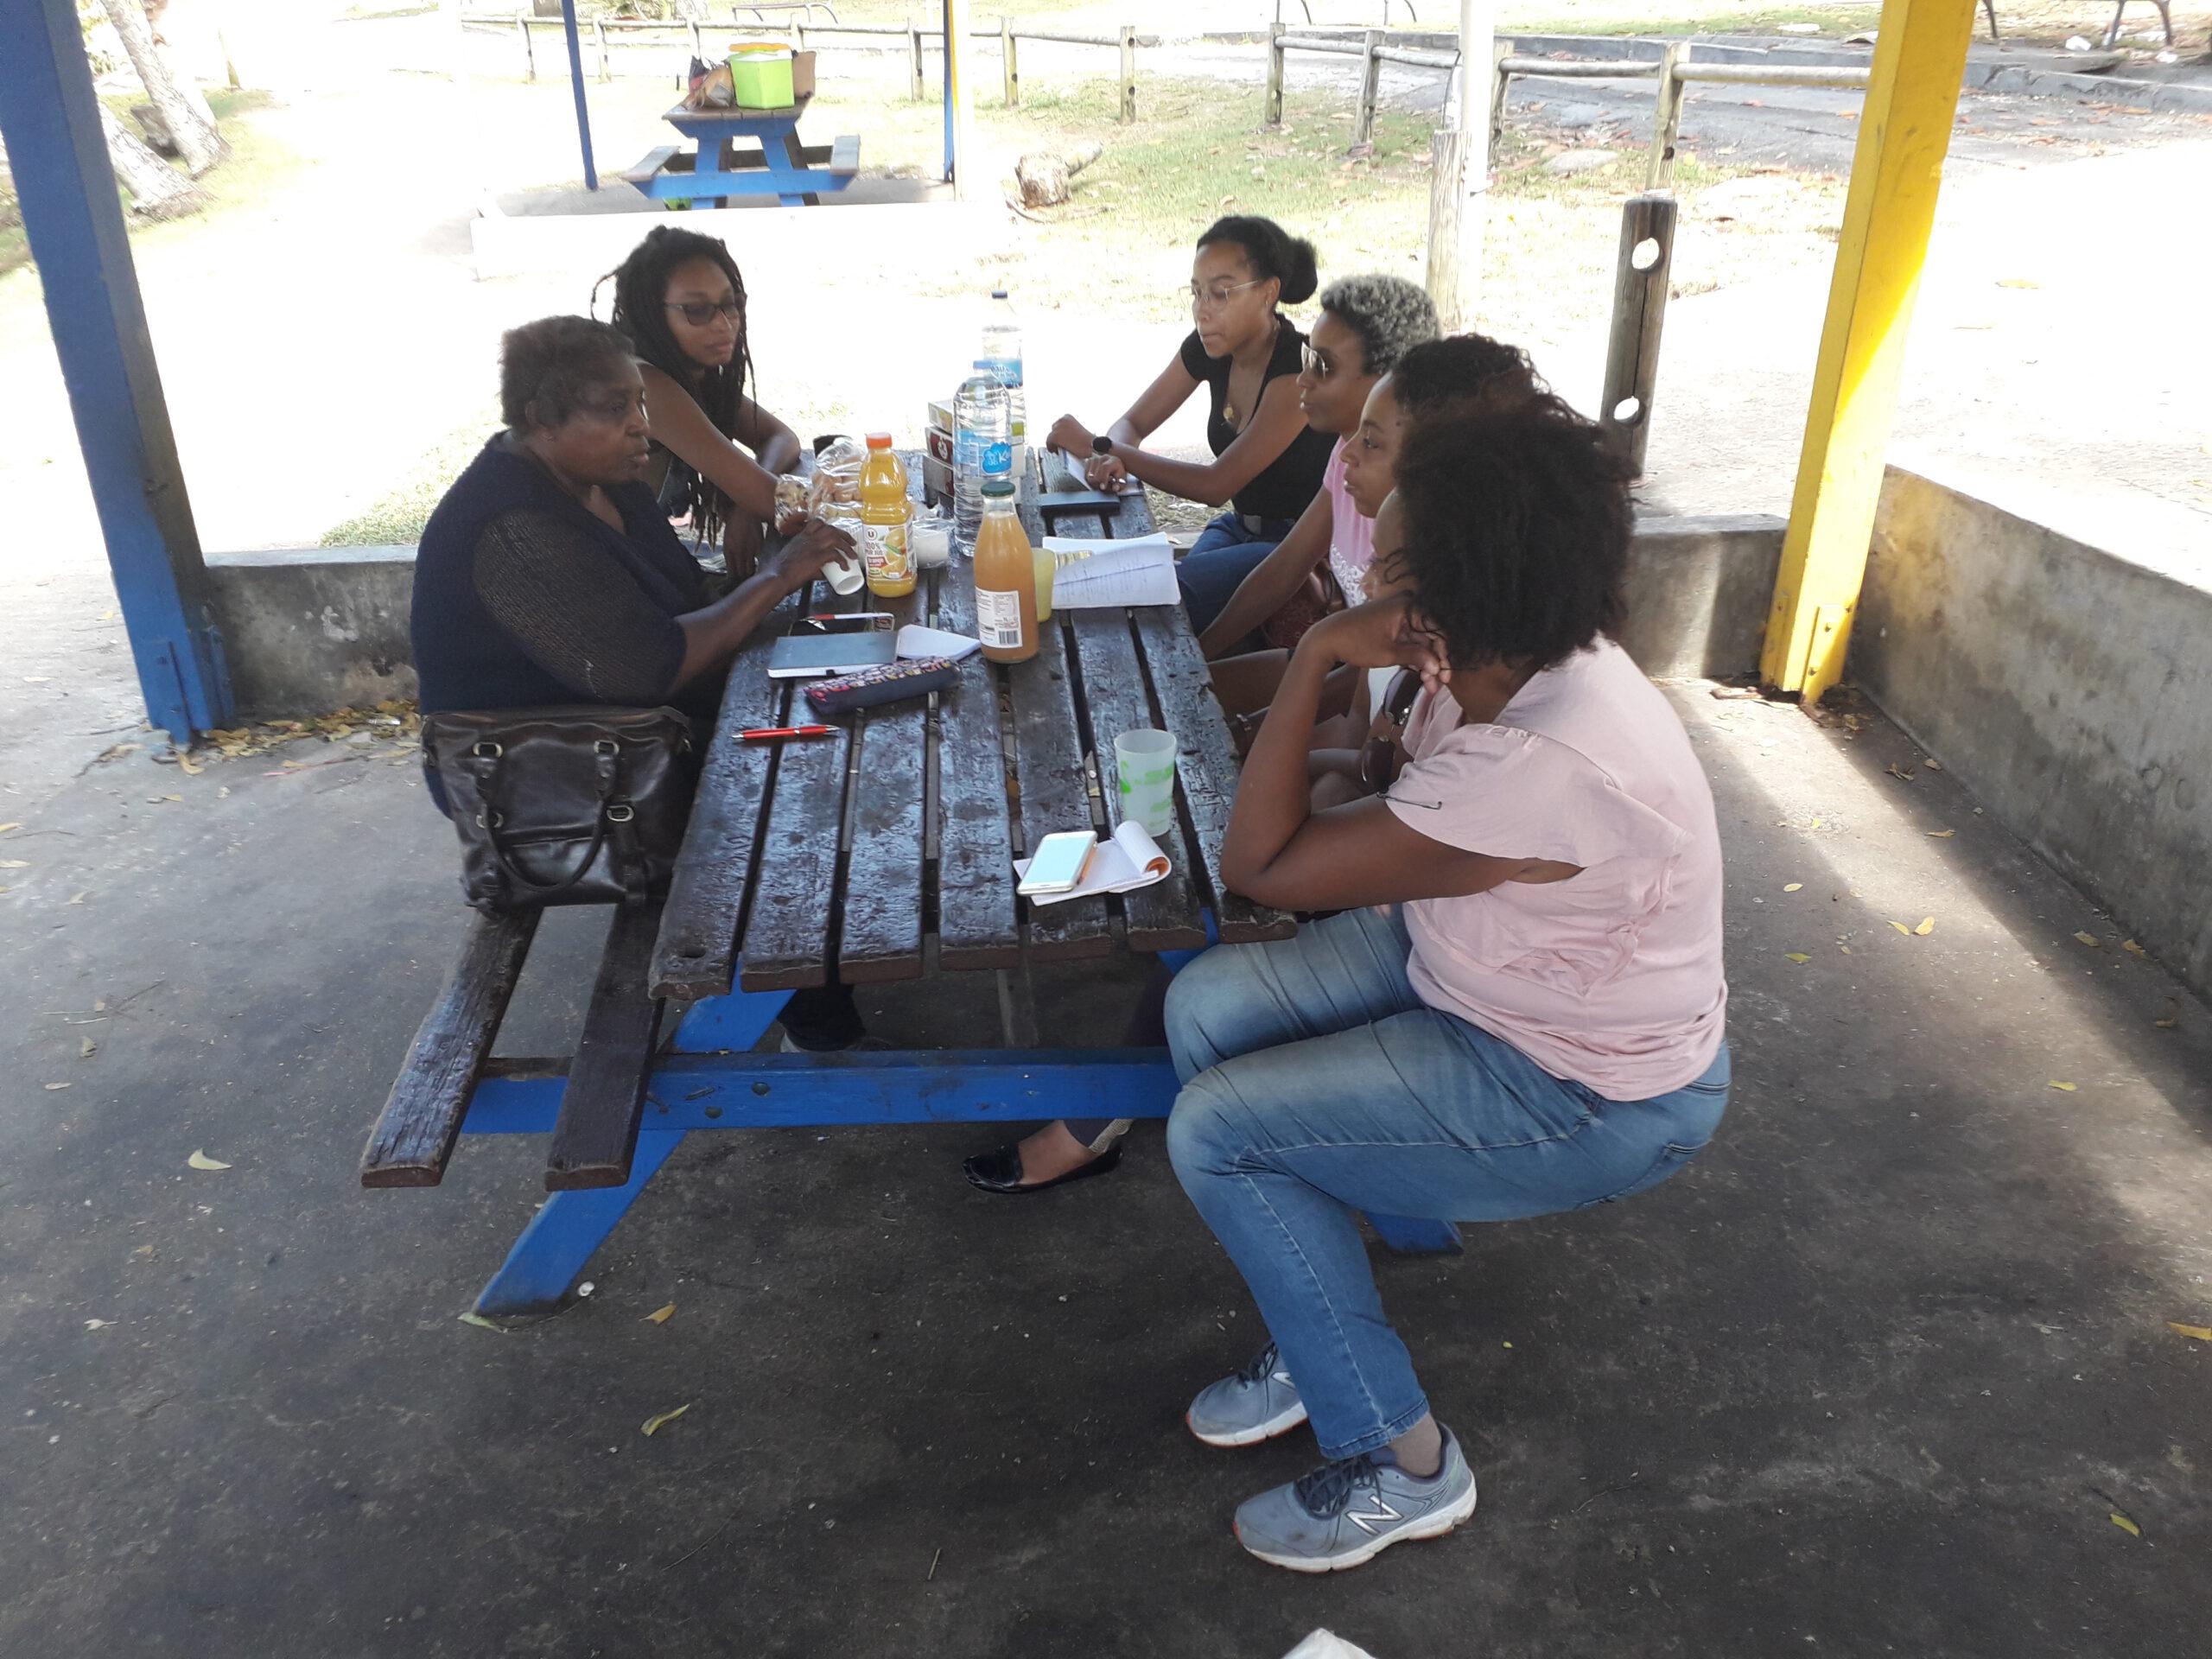 [Réunion] Les ambassadeurs (rices) de la Mission Cinéma Caraïbe organisent la reprise des activités